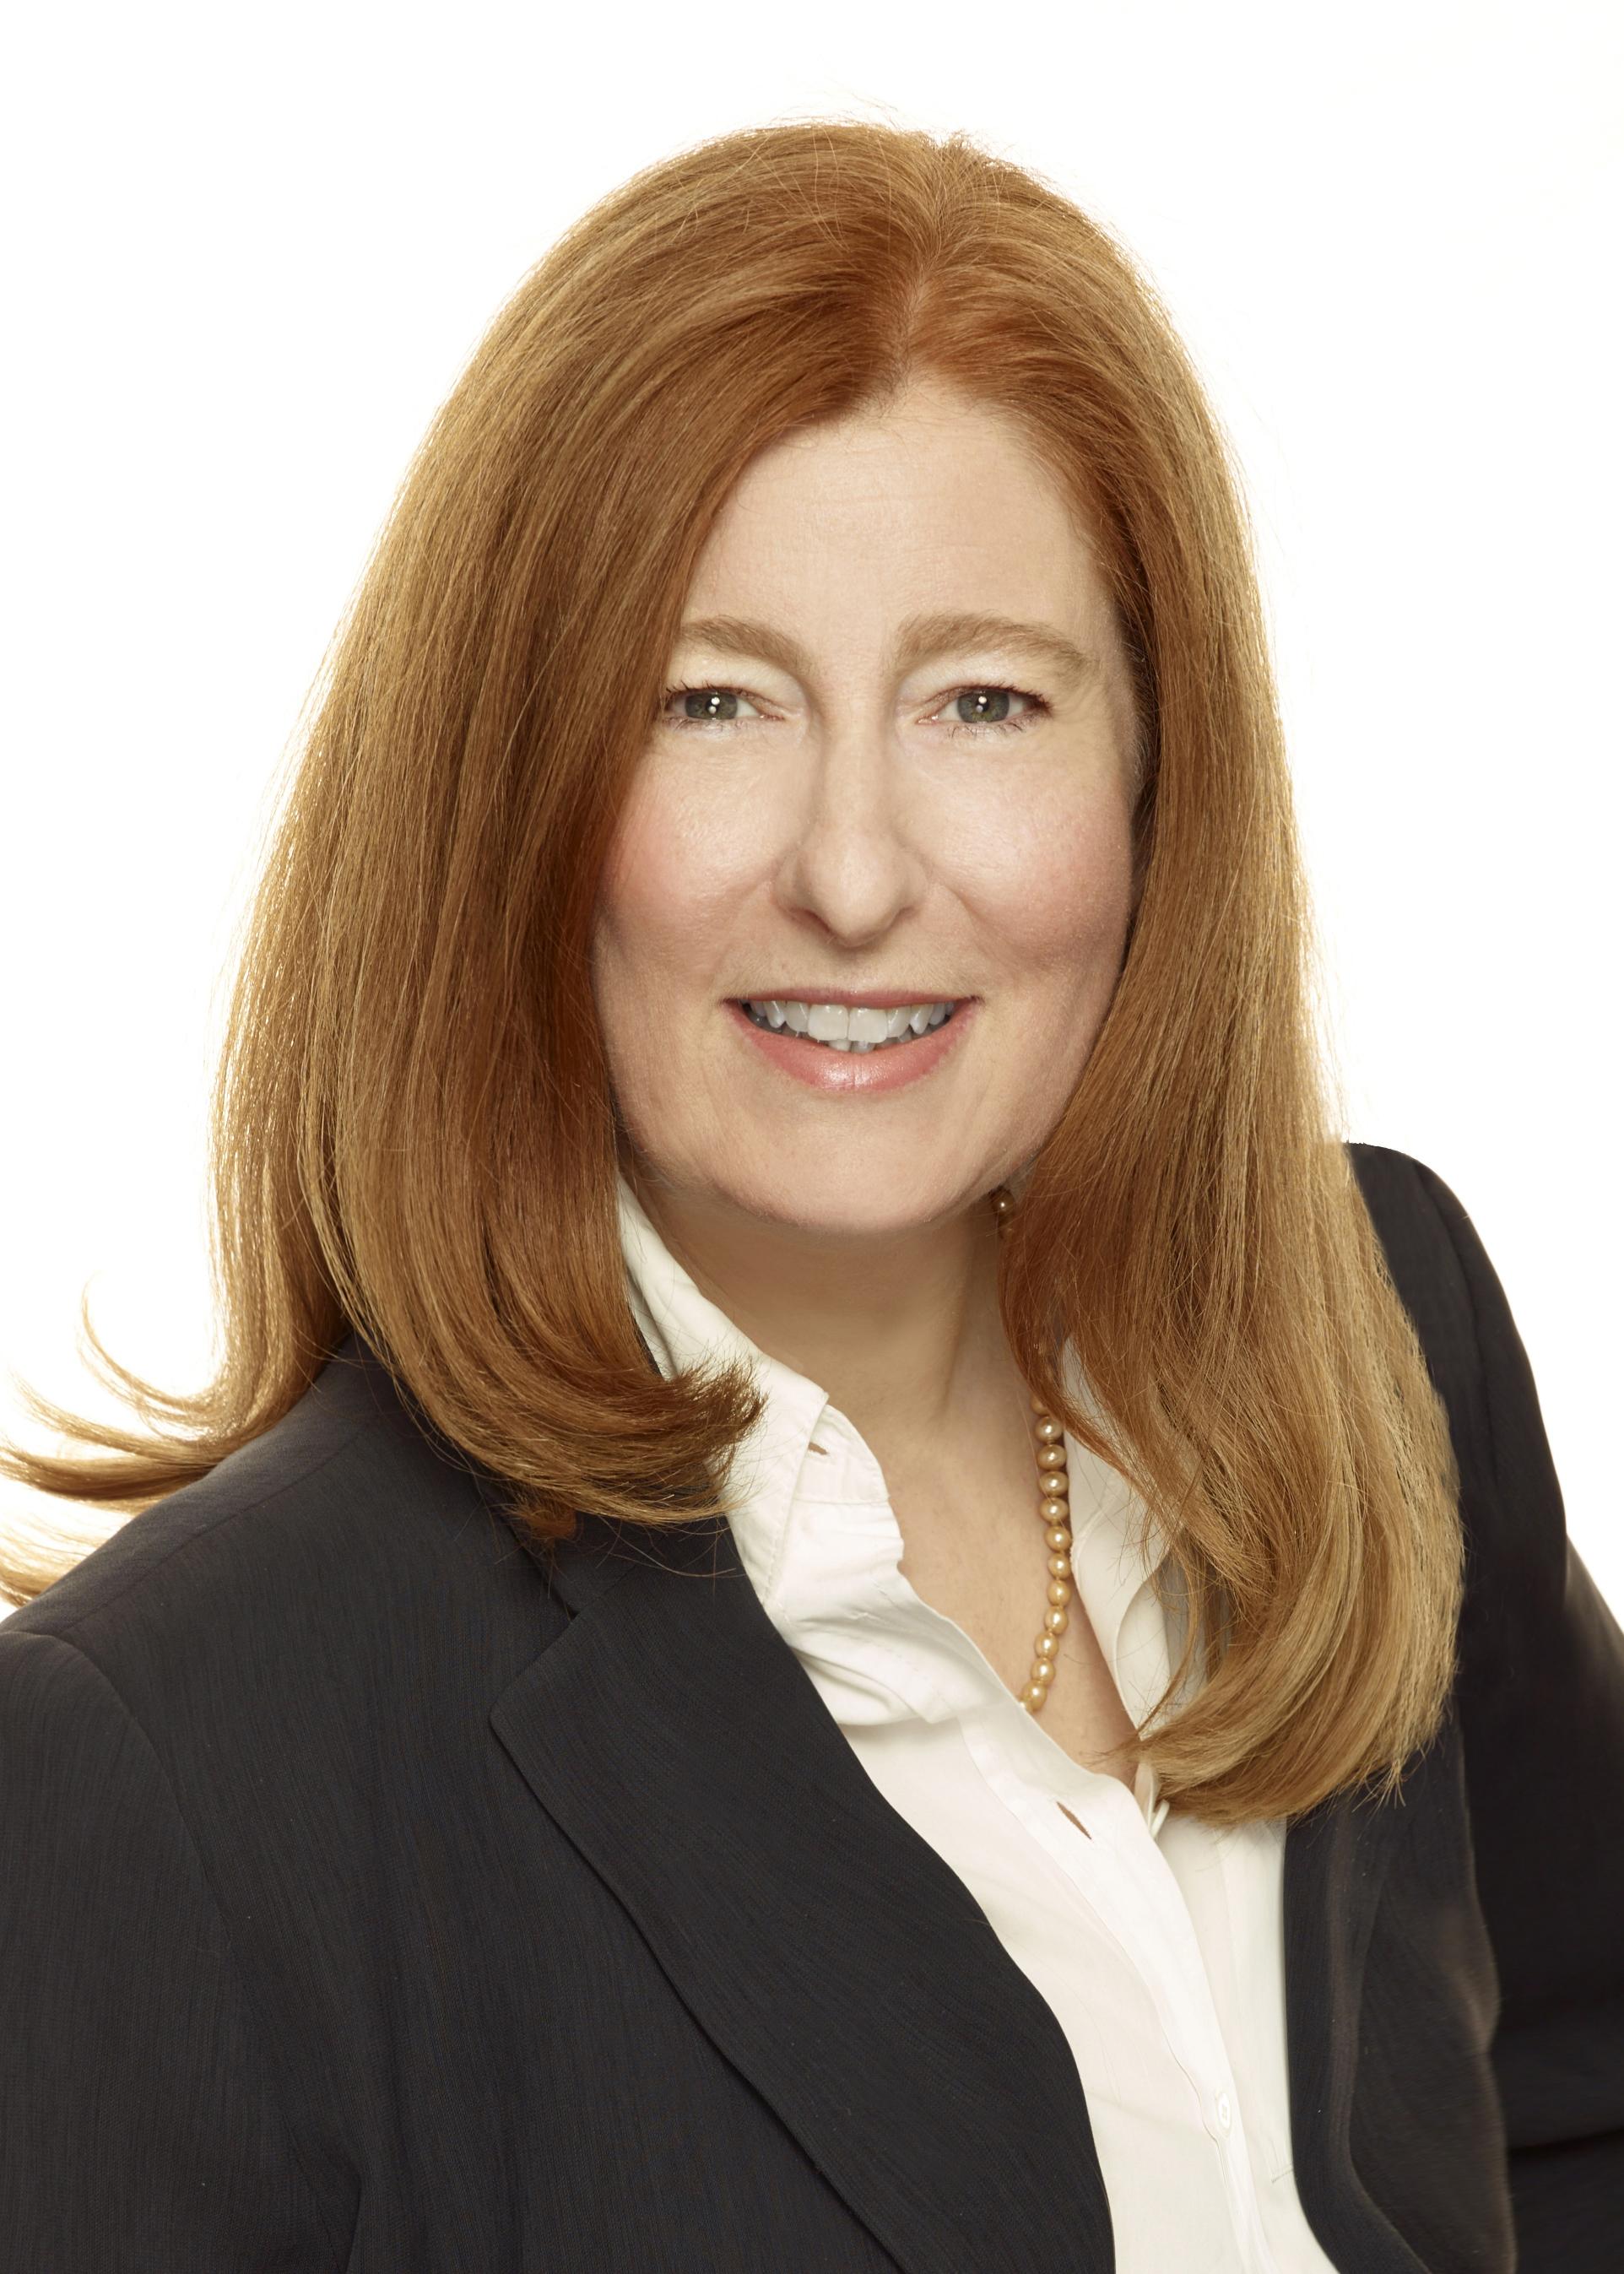 K. Vanessa A. Grant